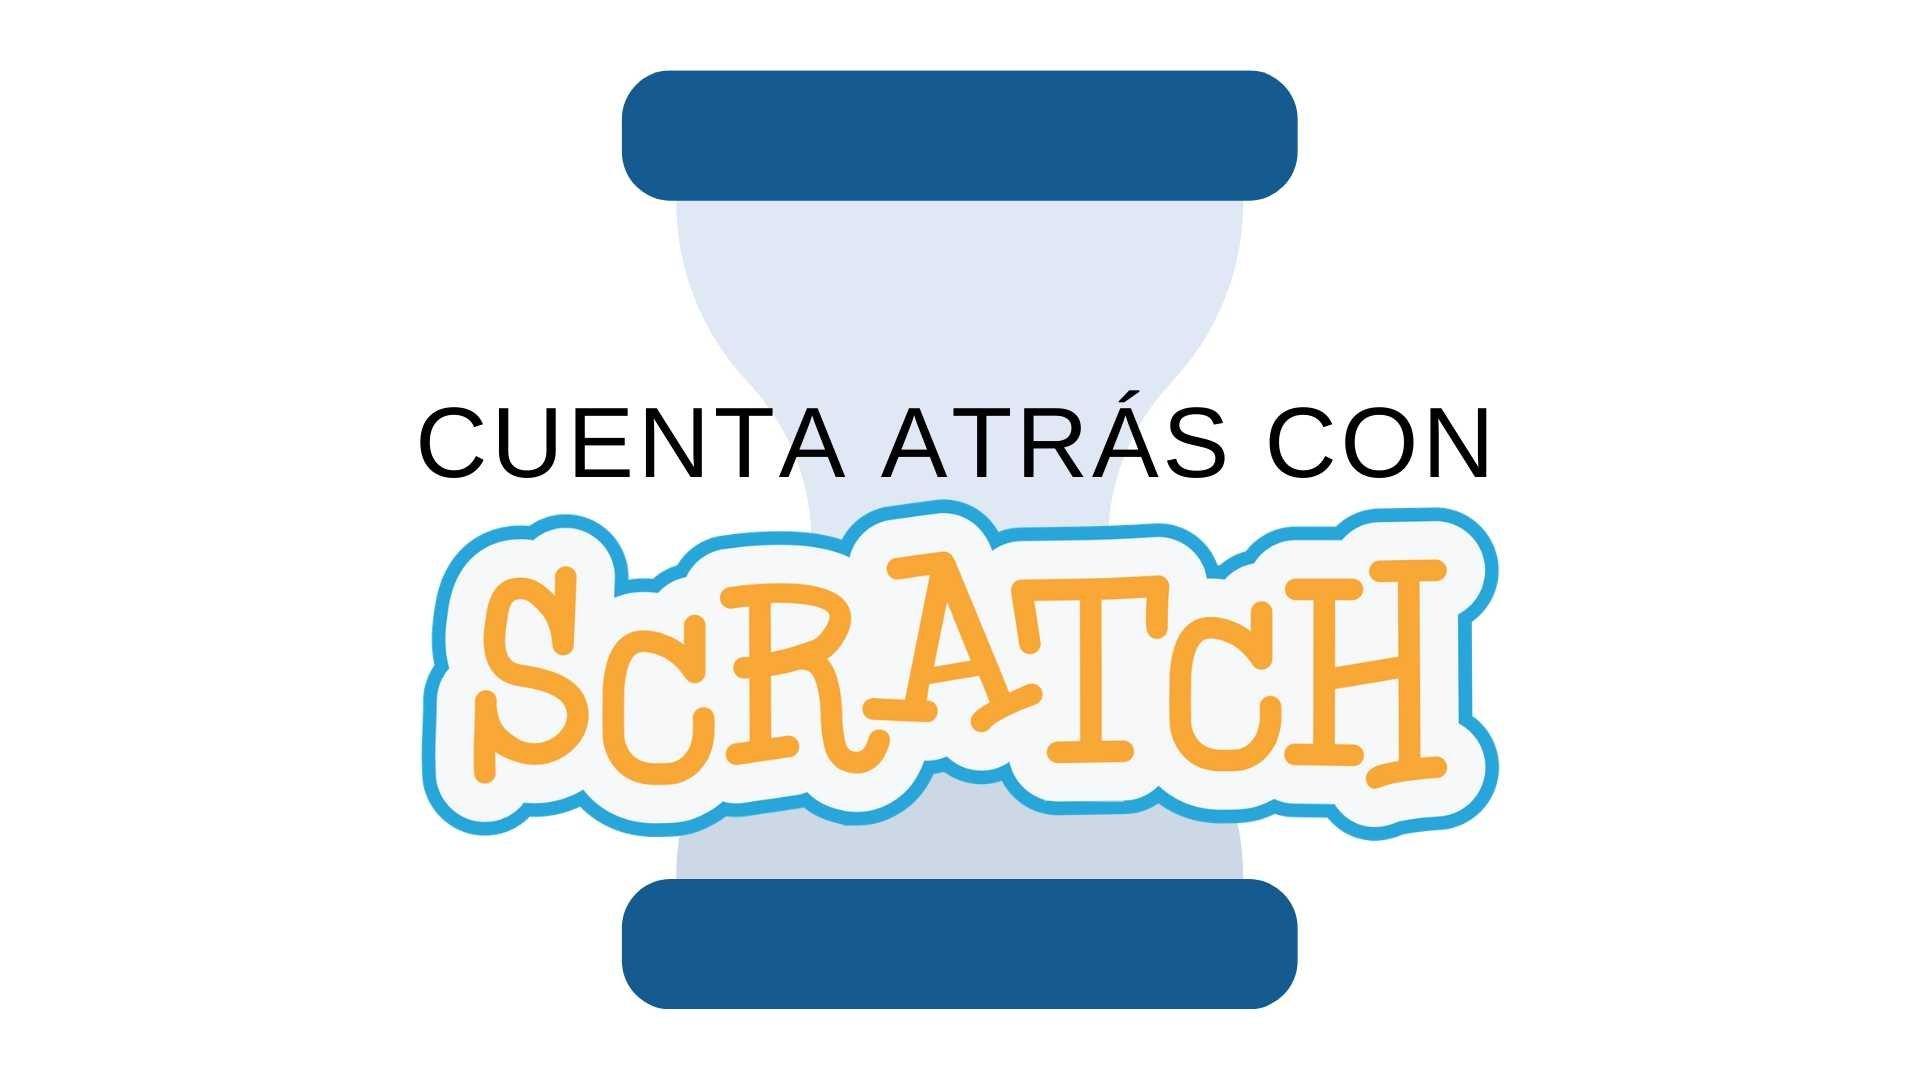 cuenta atrás con Scratch